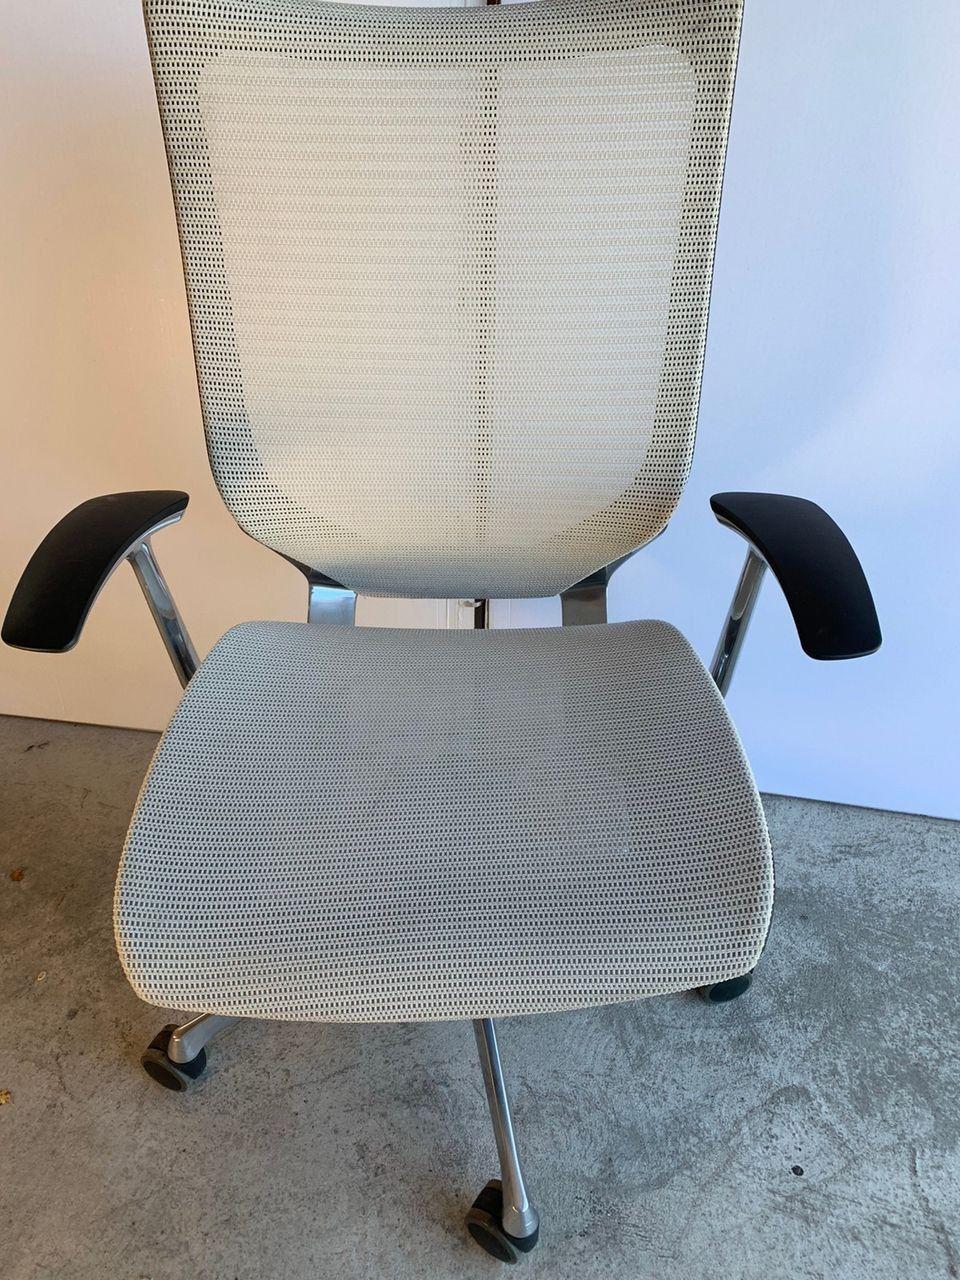 Pent brukt kontorstol fra IKEA | FINN.no